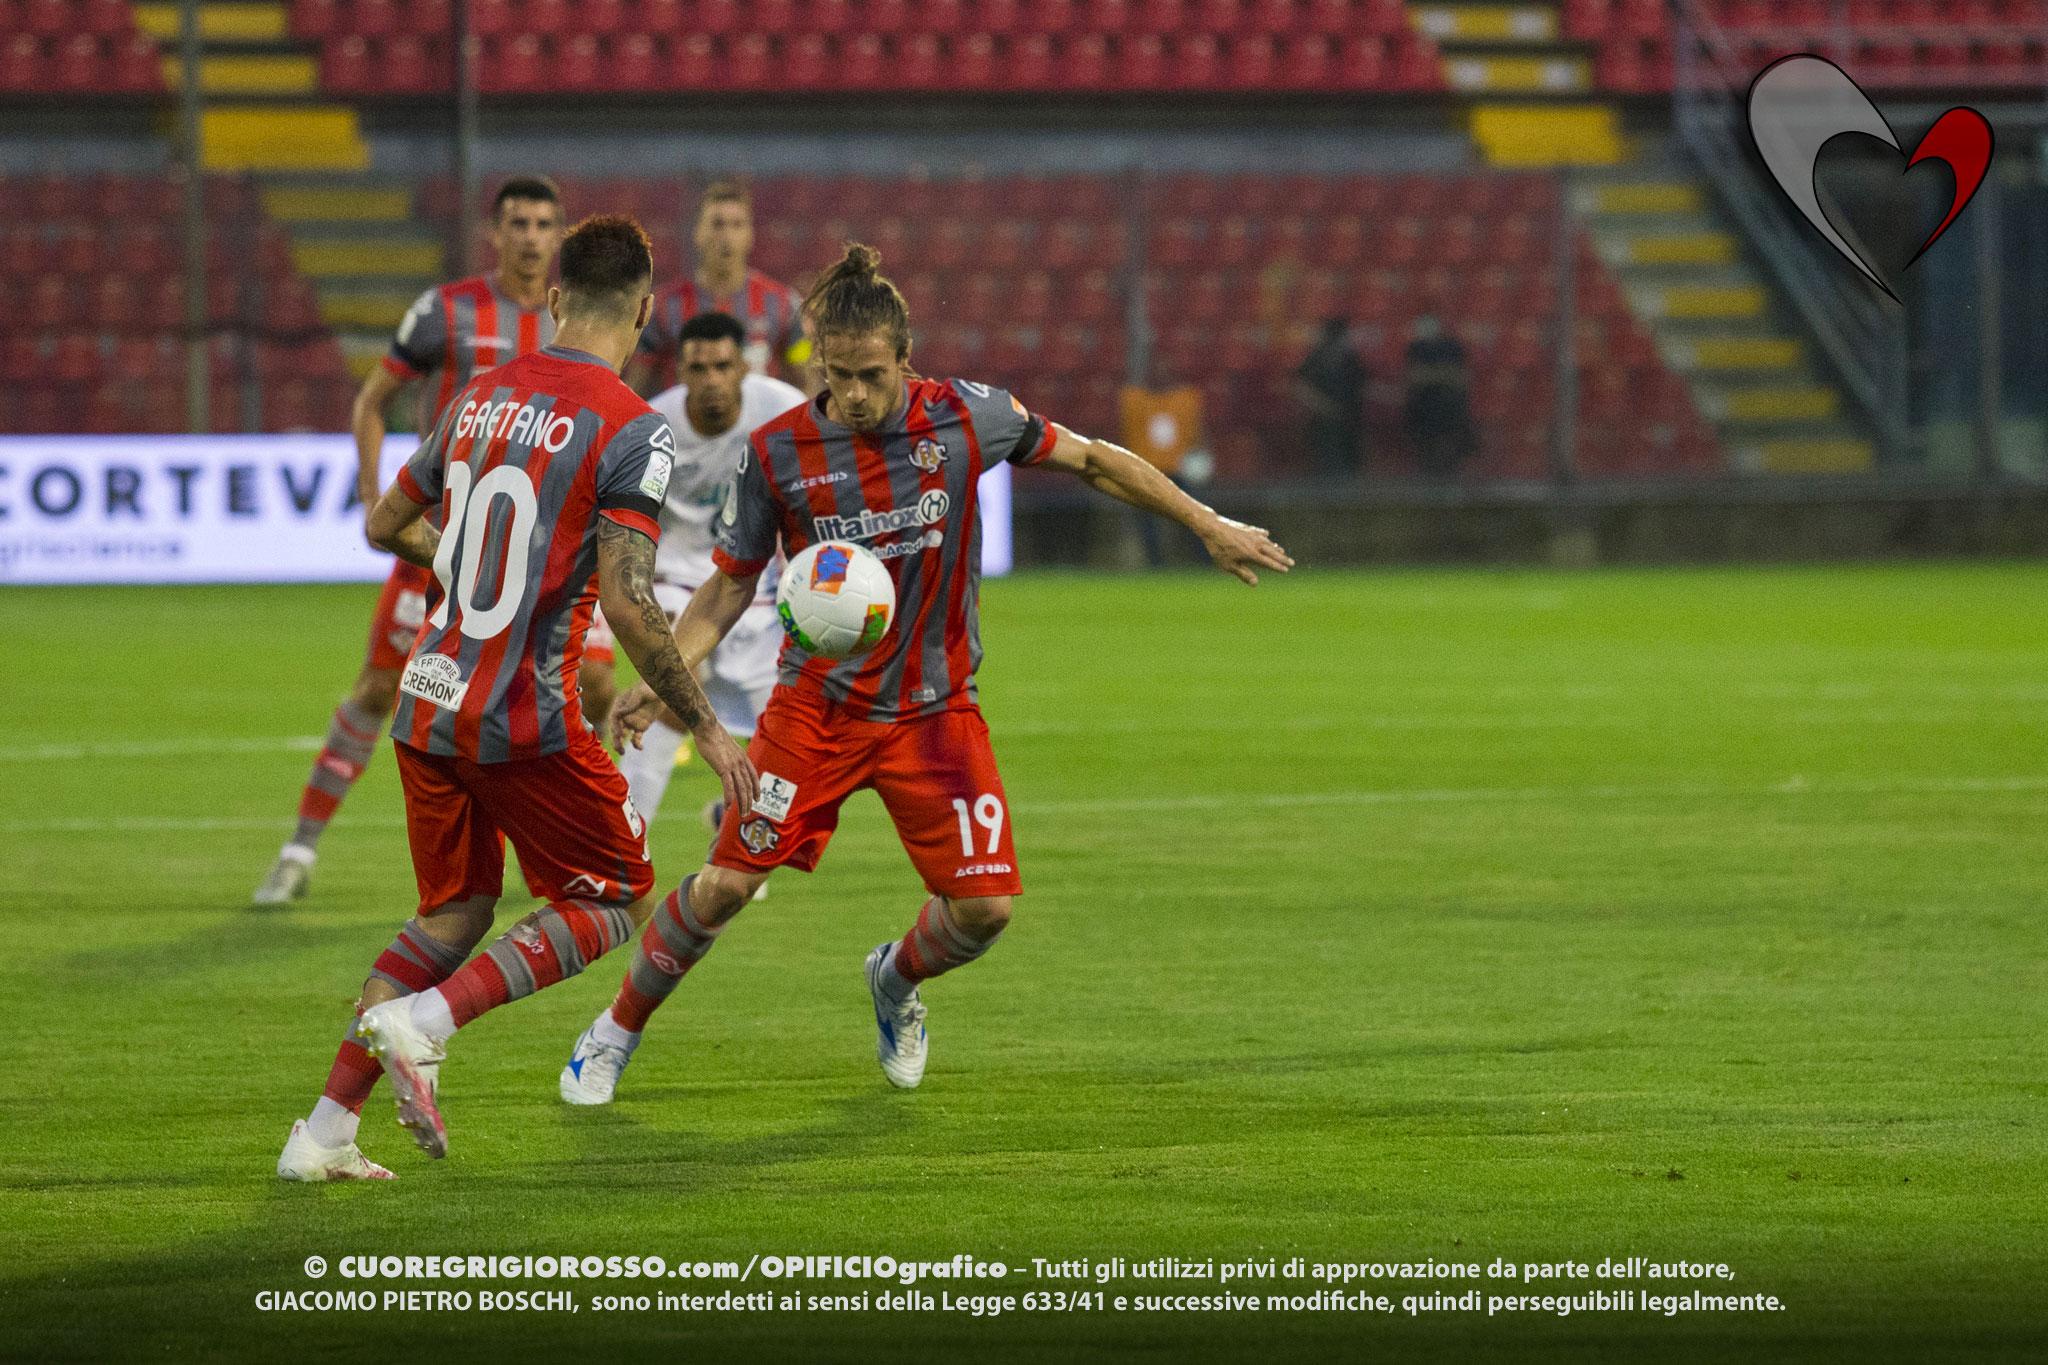 Dazn, è di Castagnetti il gol più bello della stagione